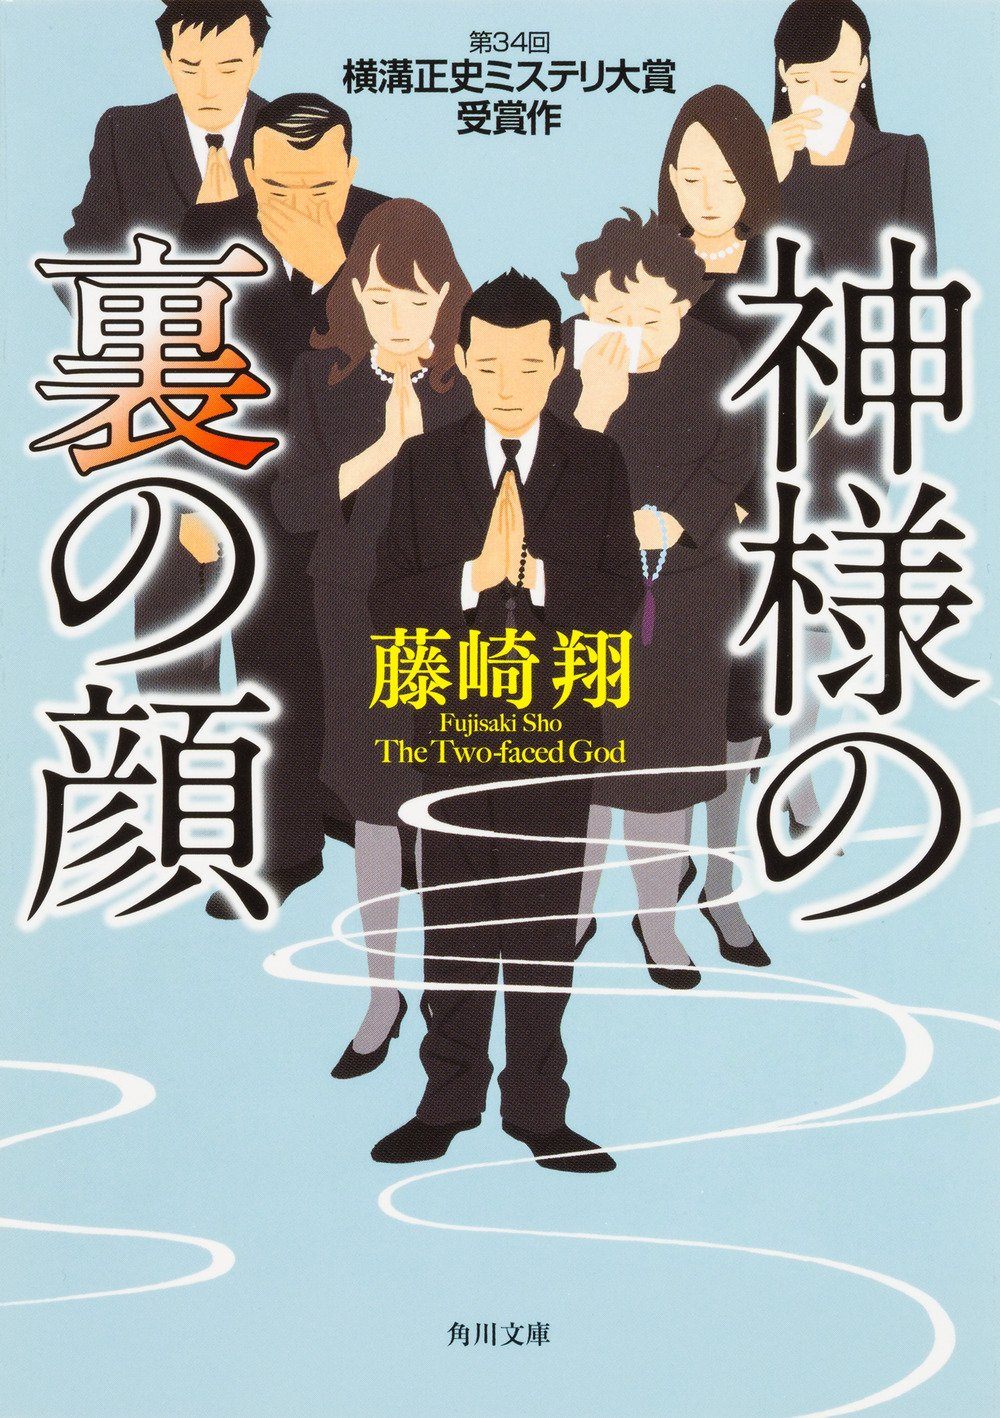 KADOKAWA 『神様の裏の顔』 藤崎翔 1枚目